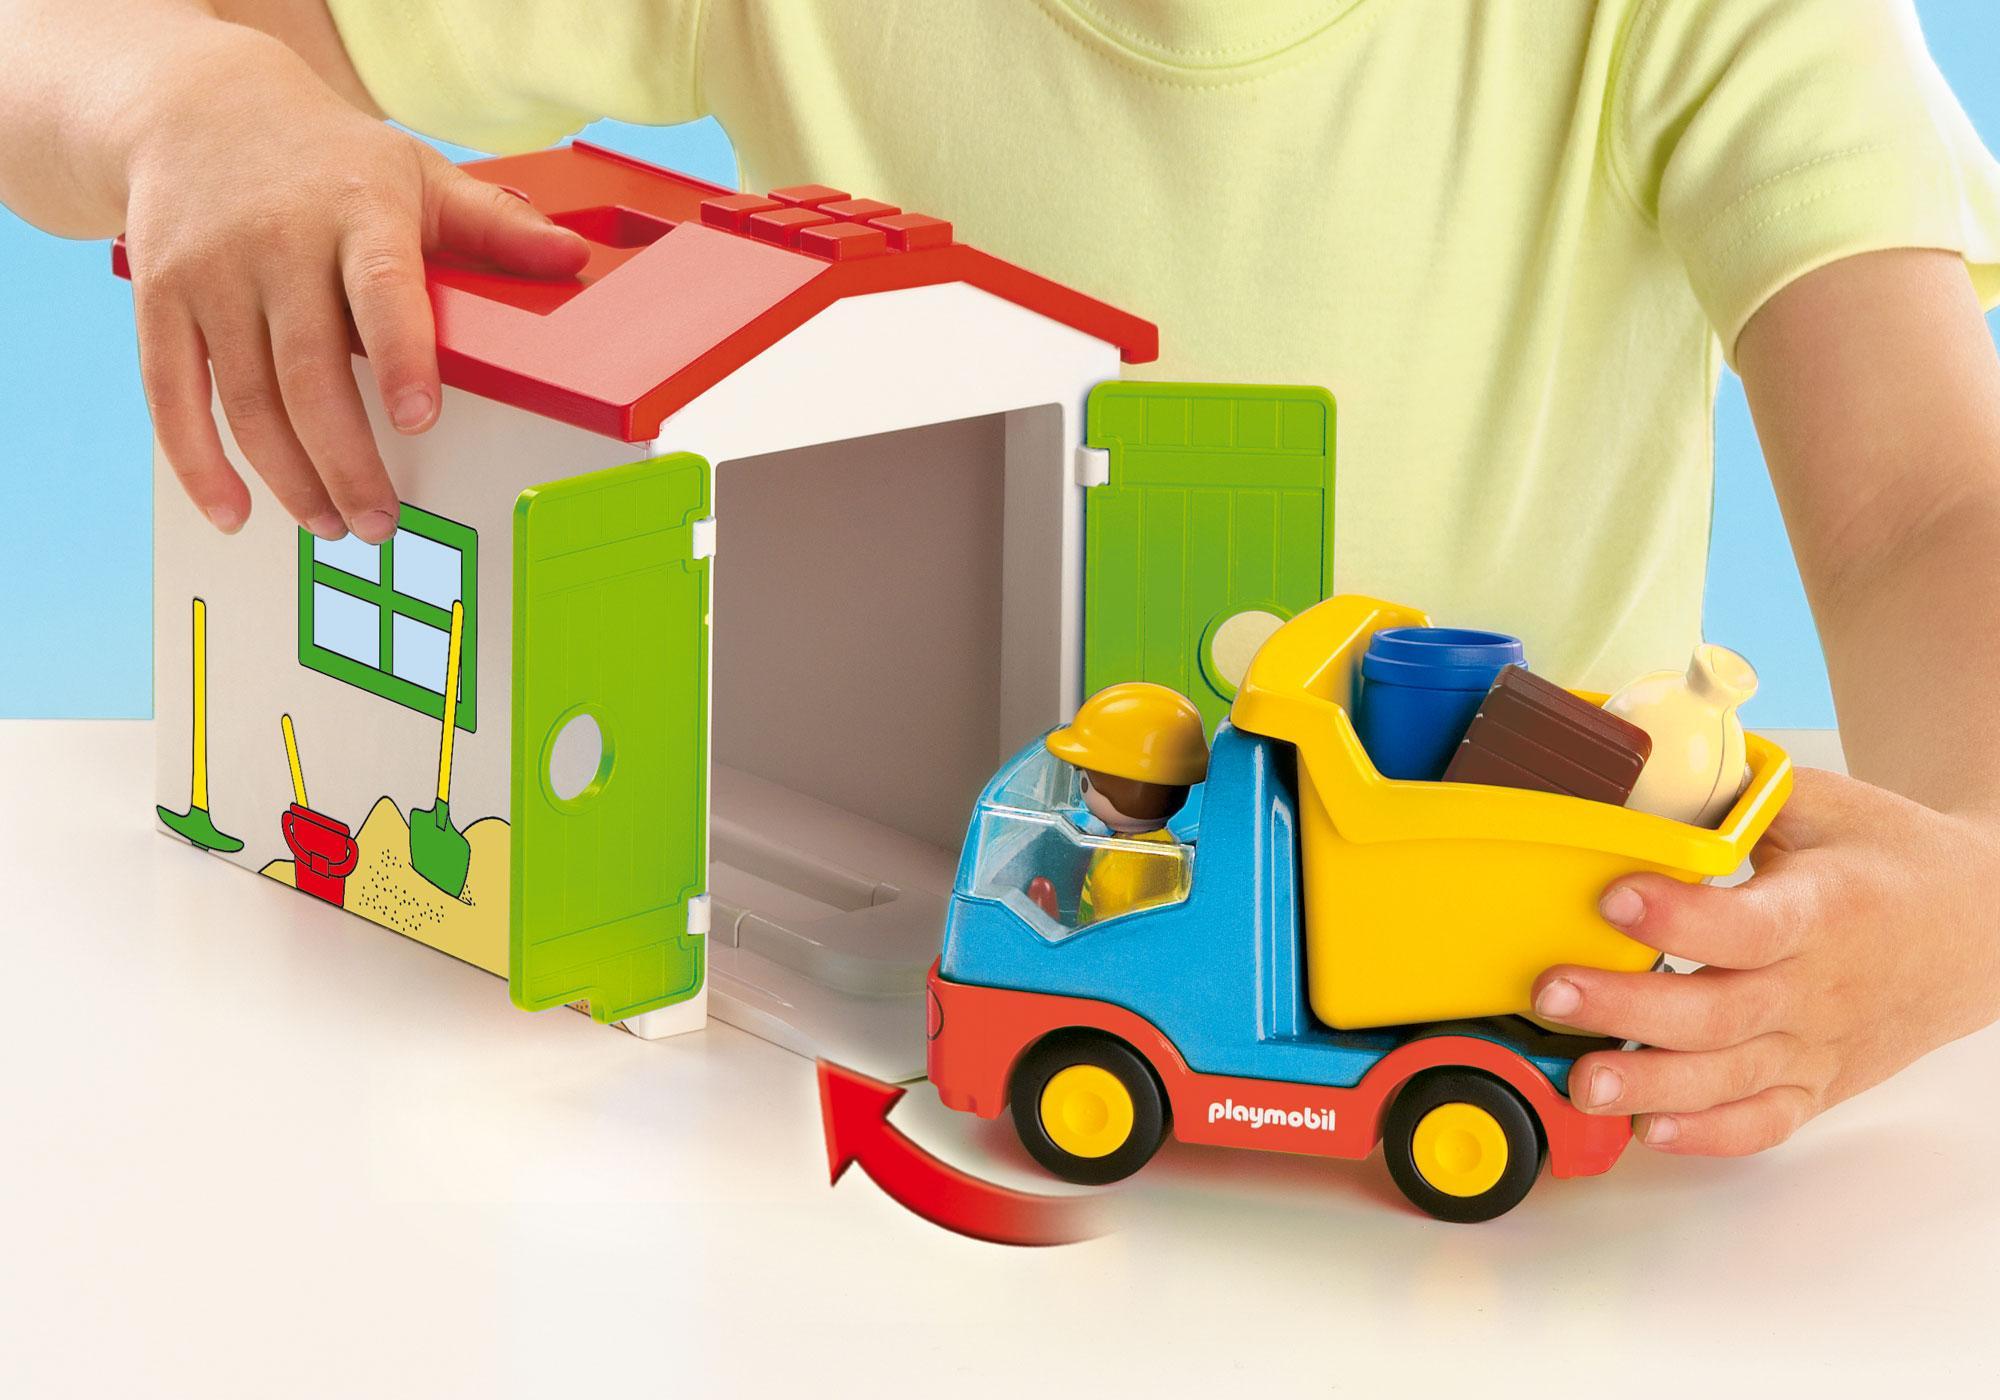 http://media.playmobil.com/i/playmobil/70184_product_extra3/Skraldebil